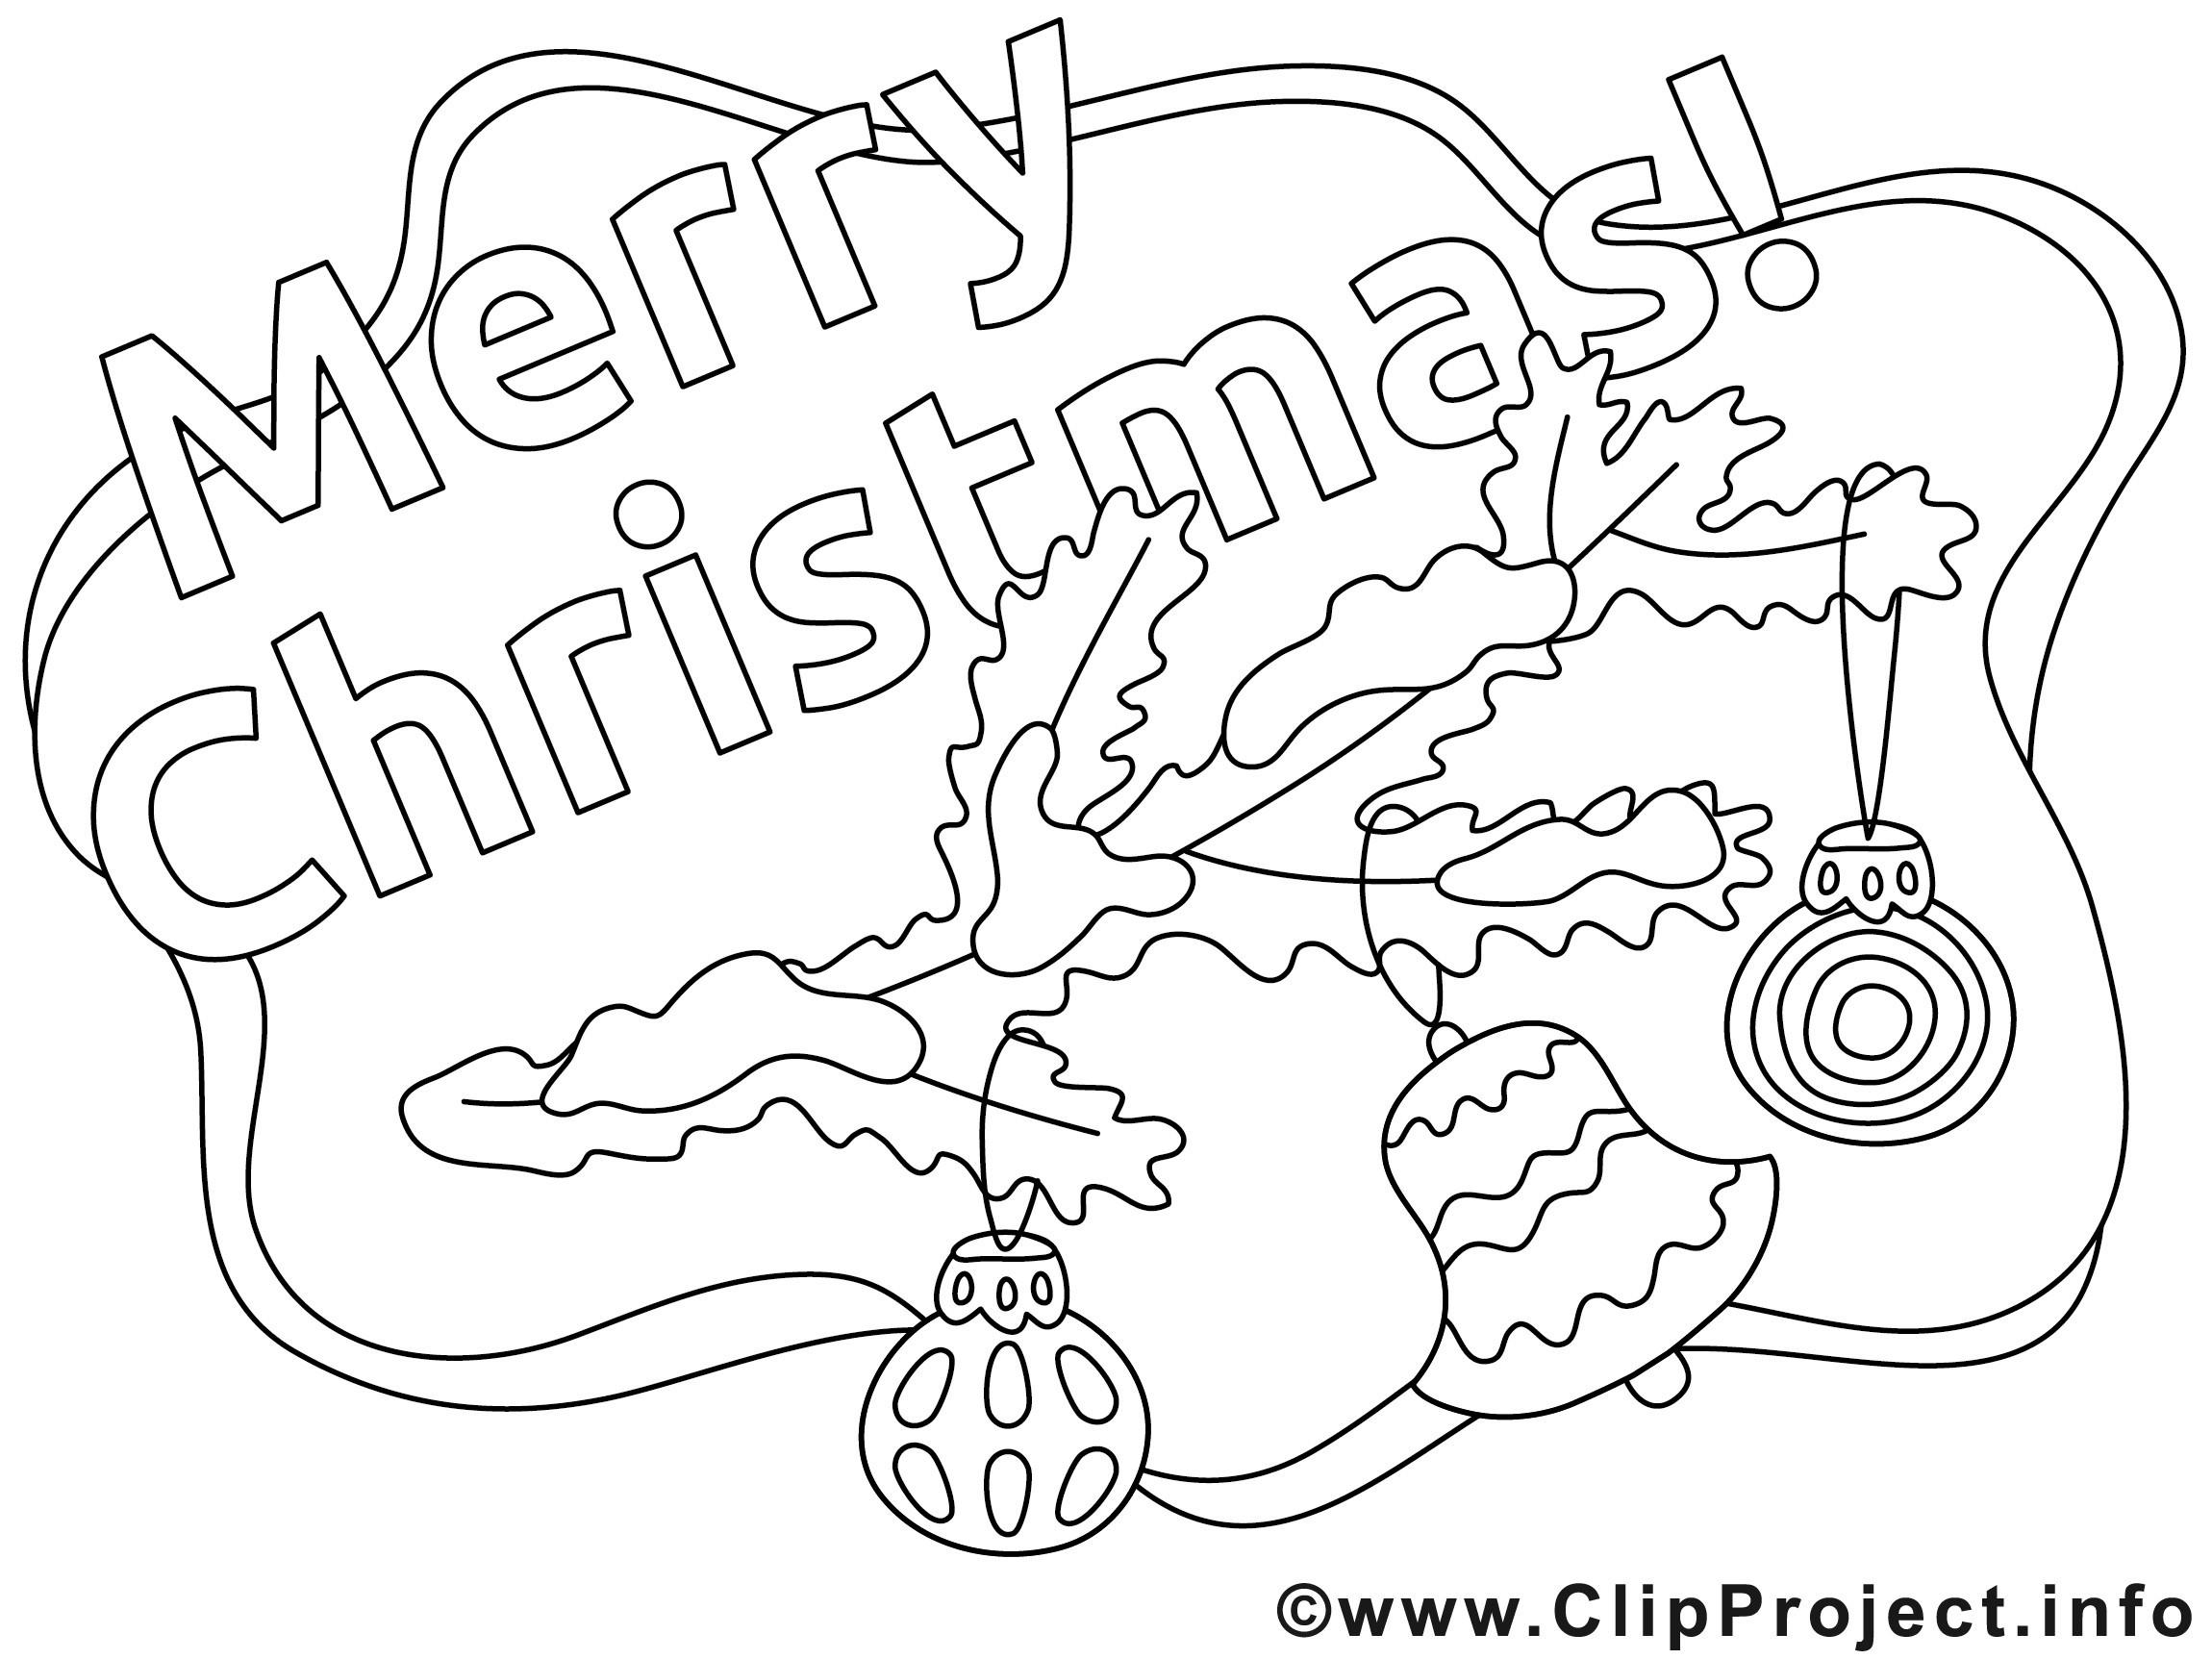 Ausmalbilder Weihnachten Für Kinder Einzigartig Frei Bedruckbare Prinzessin Malvorlagen Dr Seuss Druckbare Das Bild